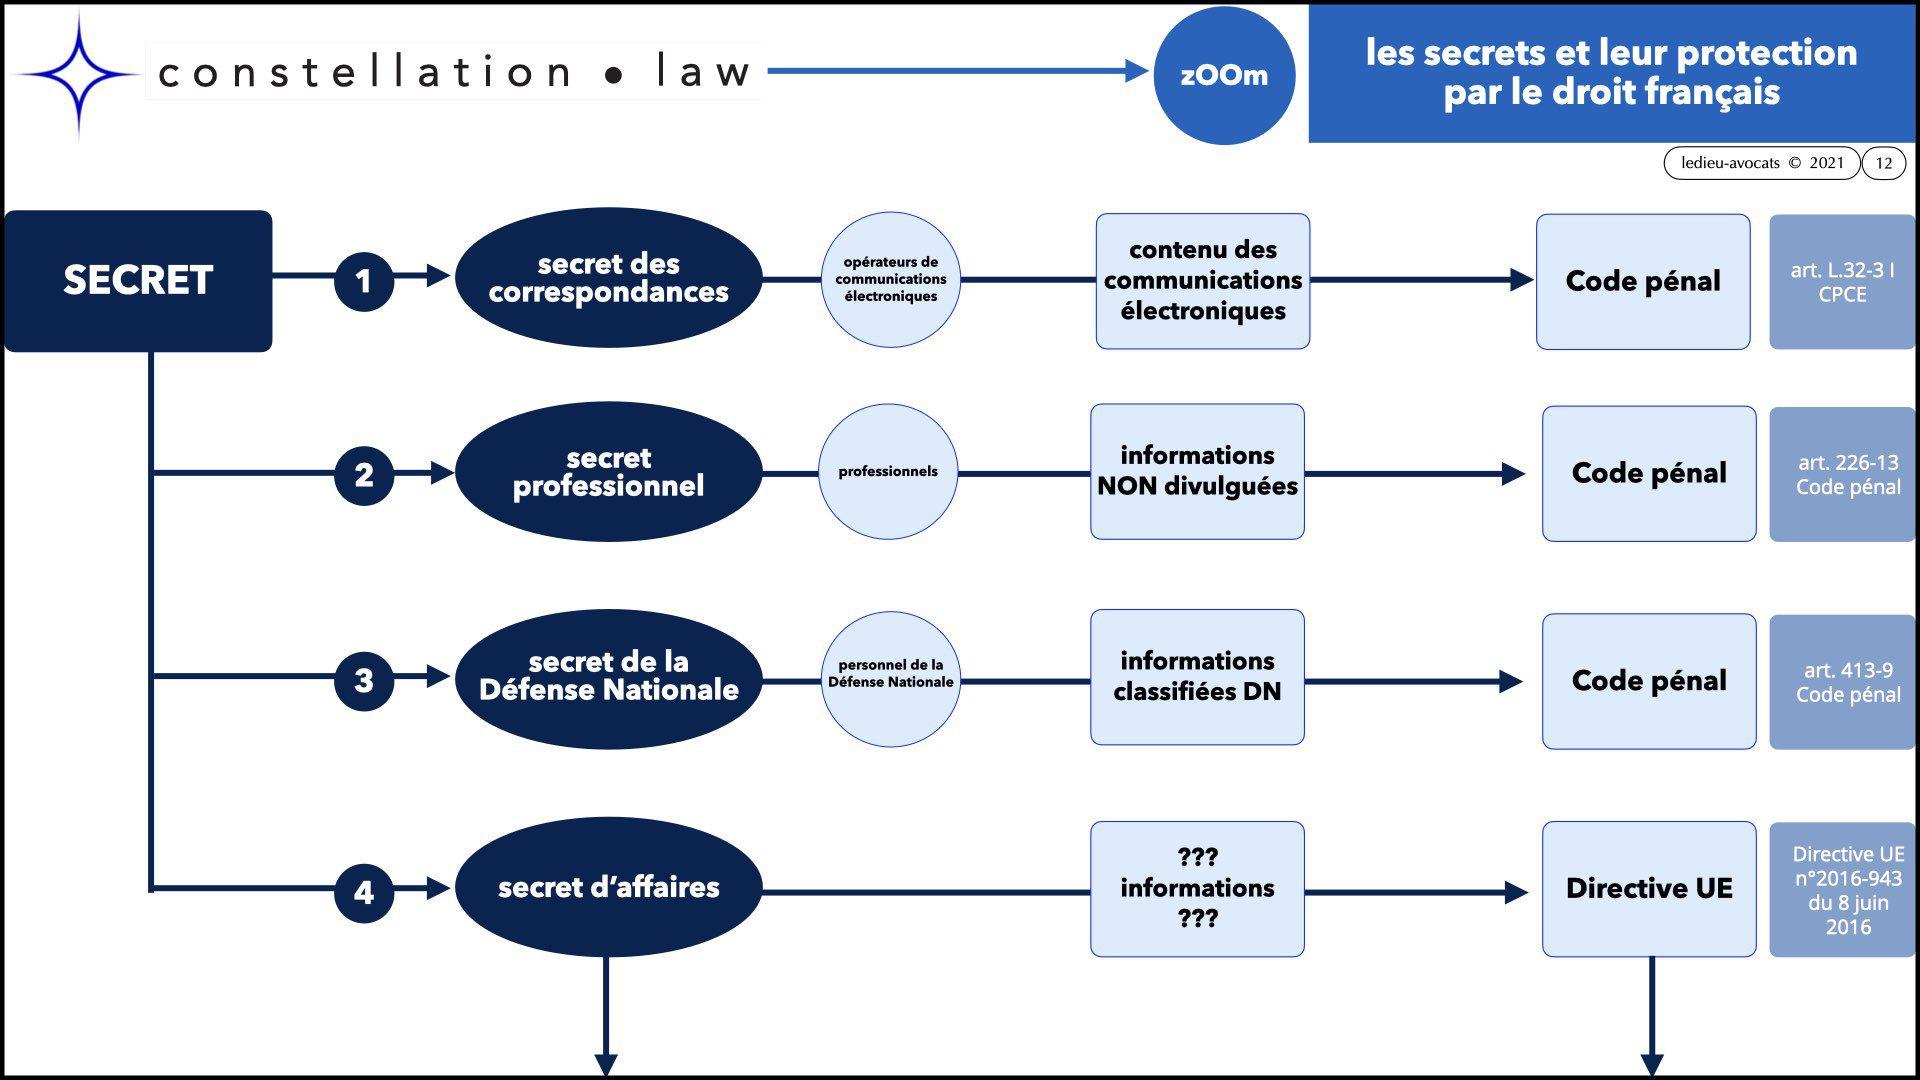 #346 zOOm X'UP SECRET d'affaire confidentialité non disclosure NDA © Ledieu Avocats technique droit numerique BLOG en BD 12-09-2021.012